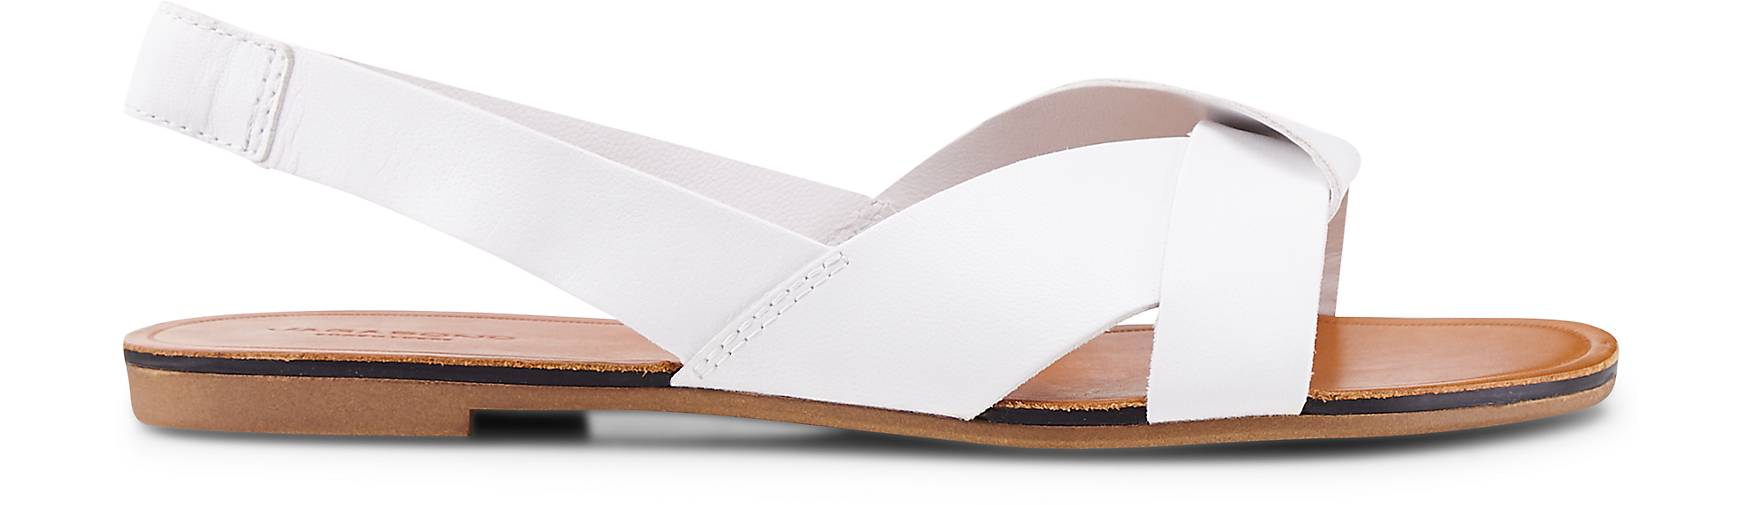 Vagabond kaufen Sandalette TIA in weiß kaufen Vagabond - 47309601 | GÖRTZ 19e3a9